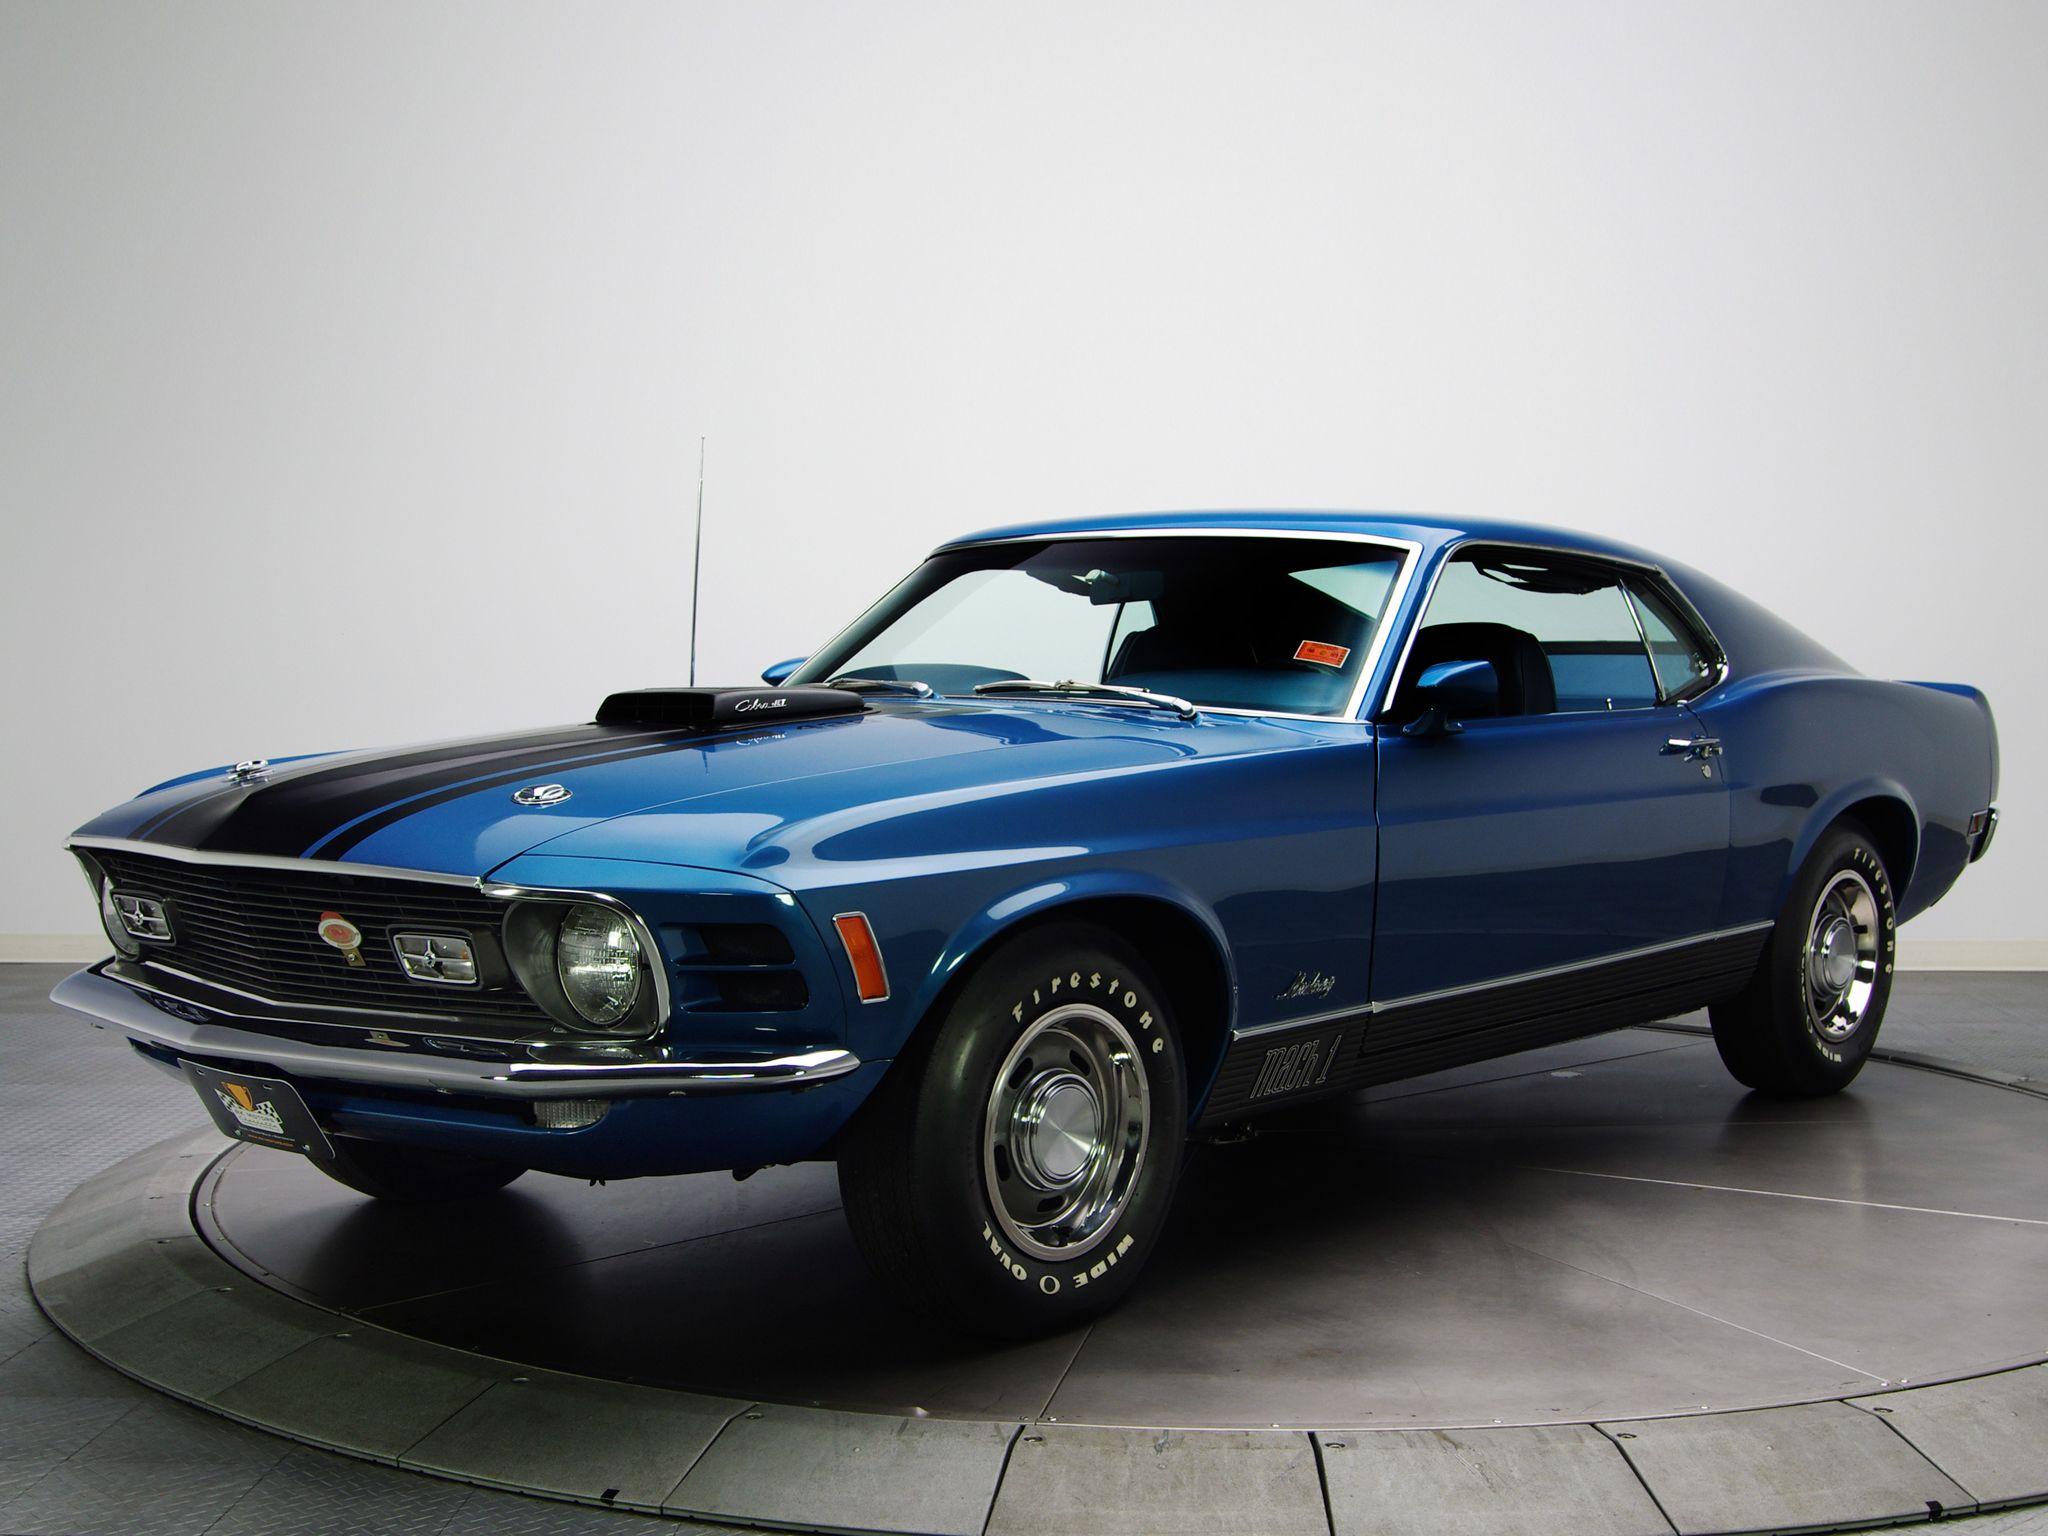 Mustang Mach Hd Mustang Mach Super Cobra Jet